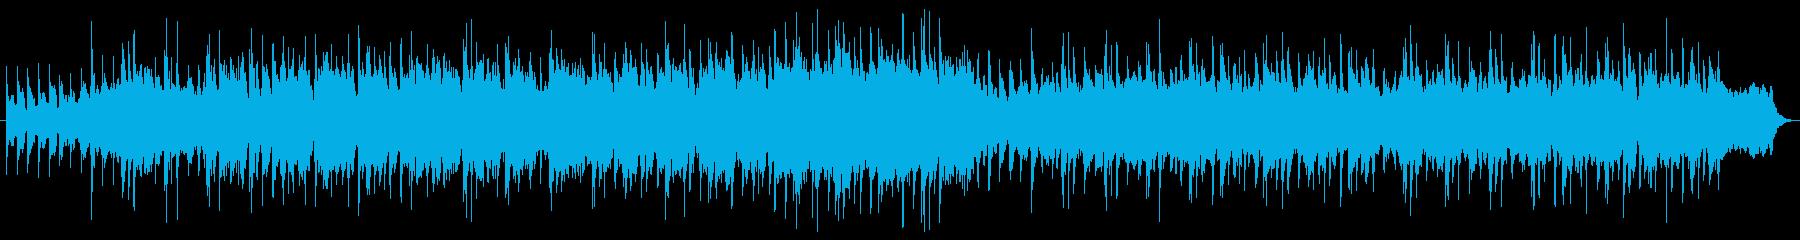 ほのぼのとした民族音楽の再生済みの波形